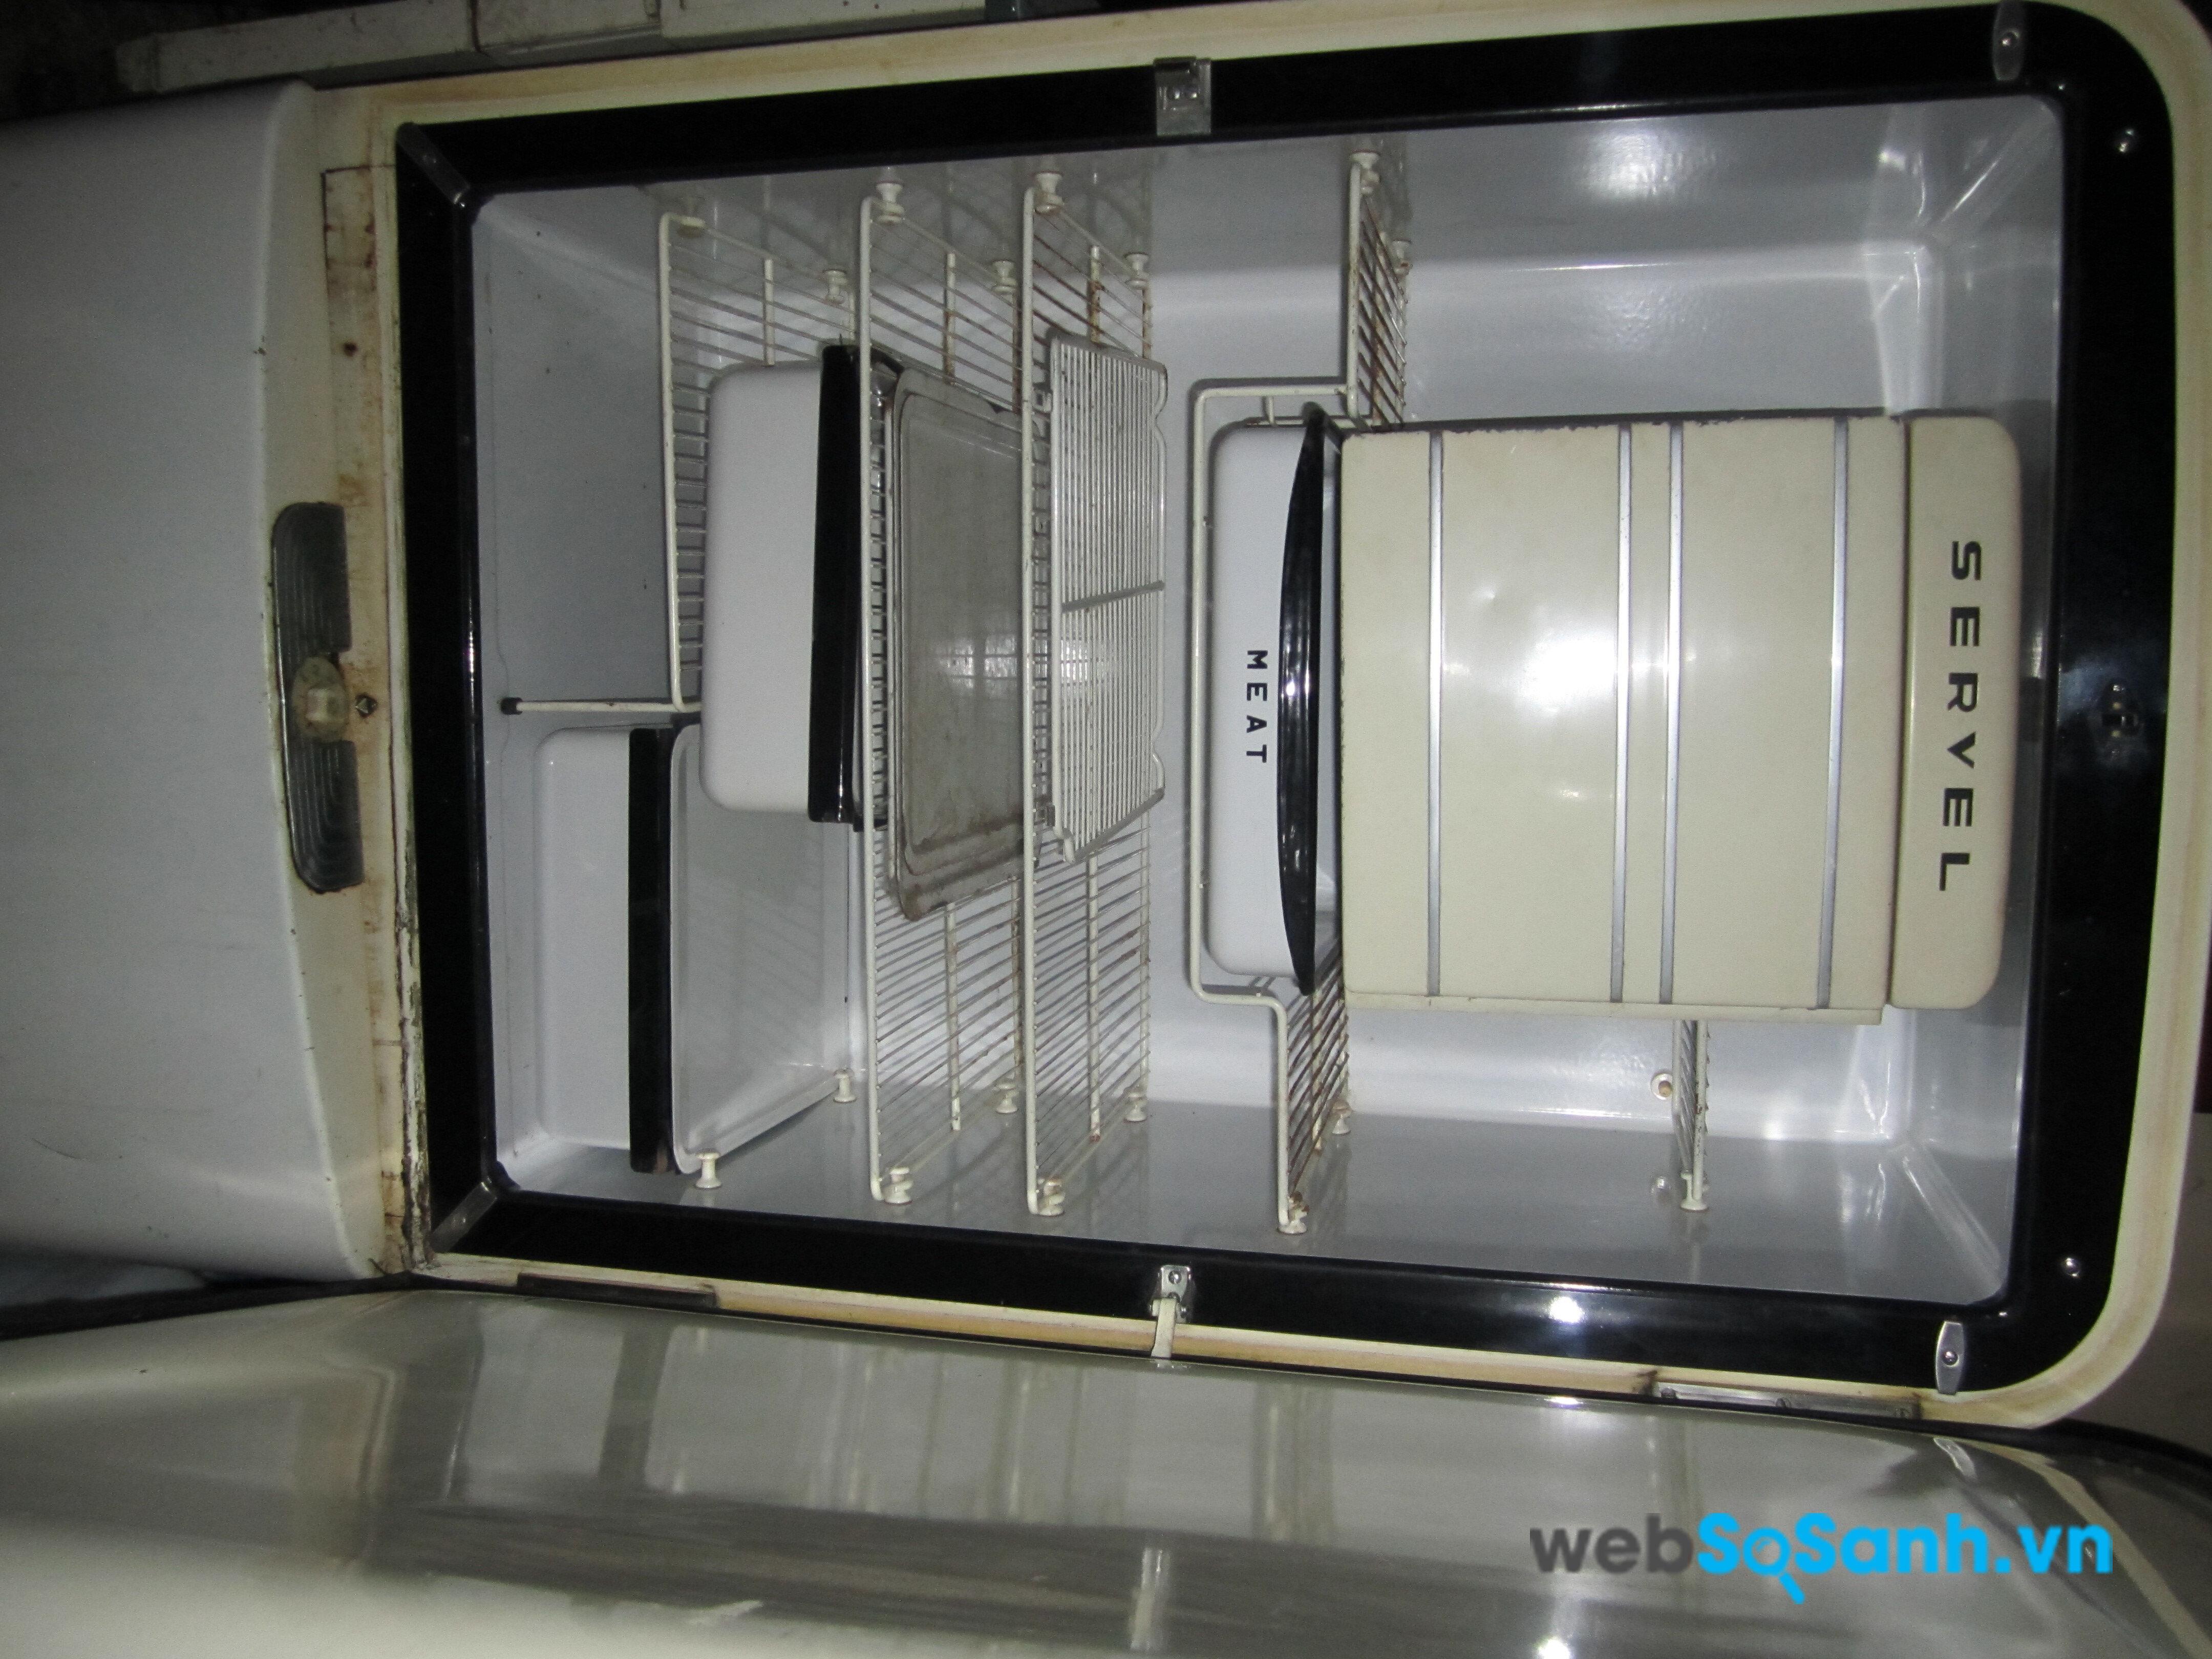 Thay gas tủ lạnh hết bao nhiêu tiền ?